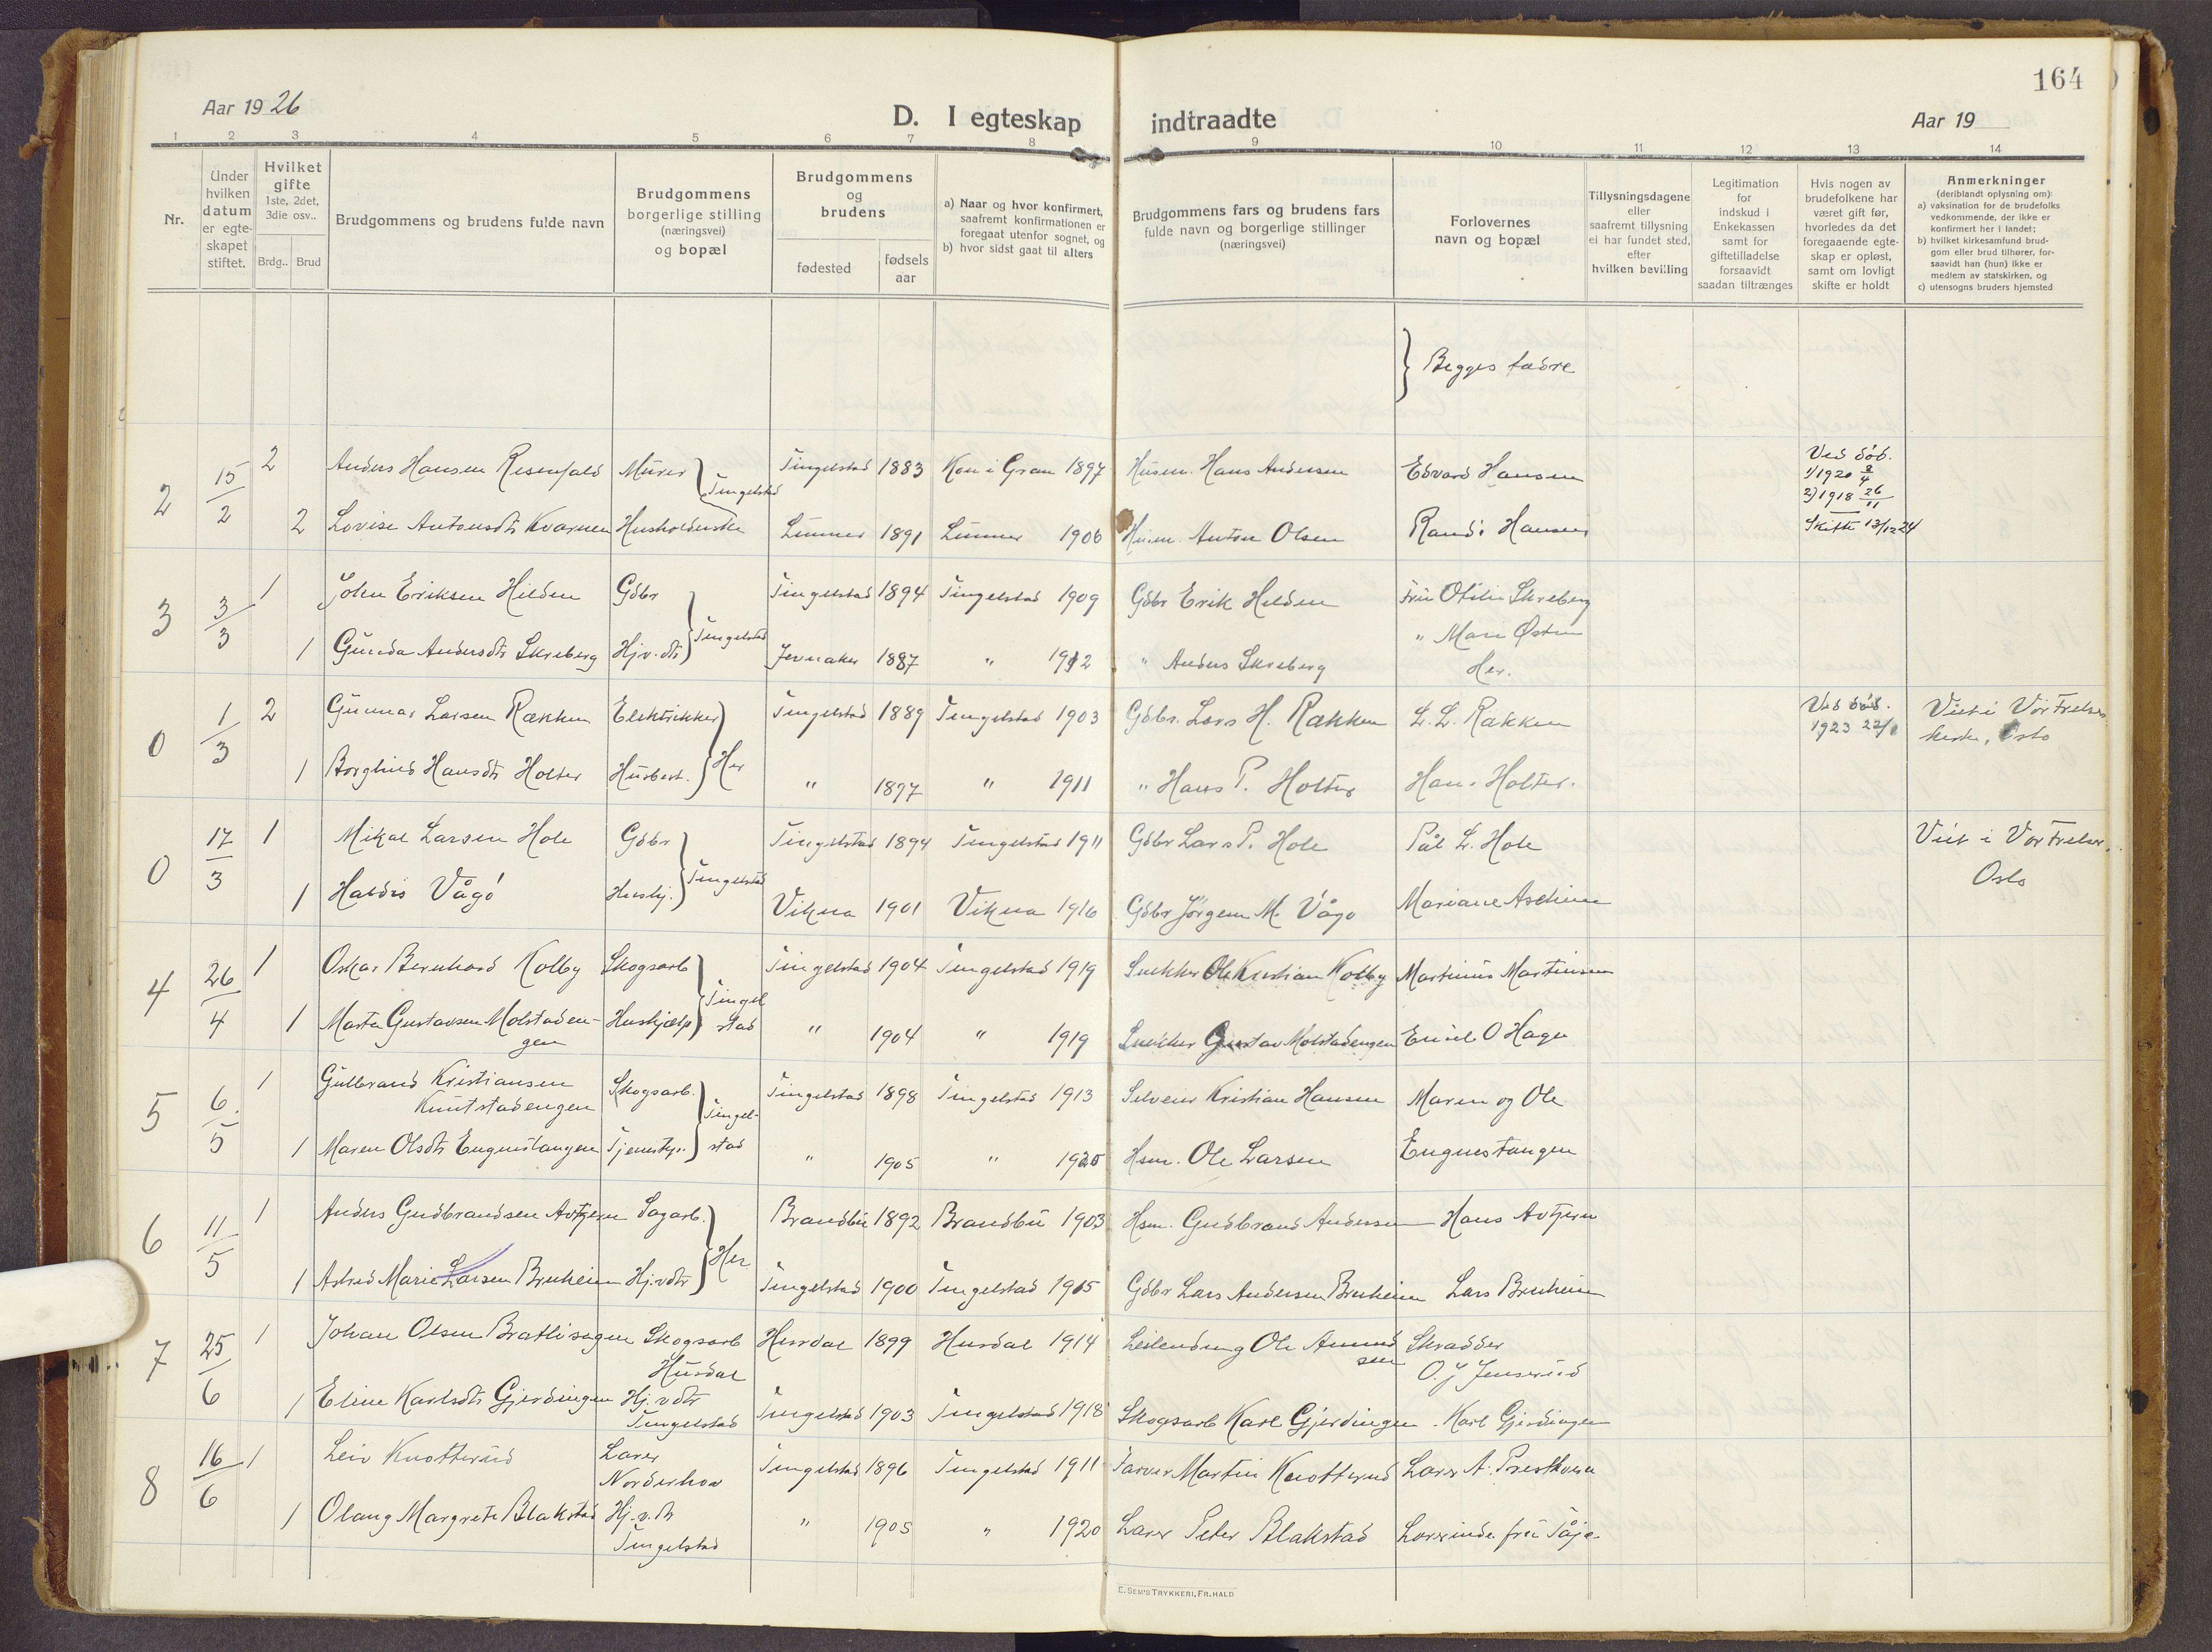 SAH, Brandbu prestekontor, Ministerialbok nr. 3, 1914-1928, s. 164